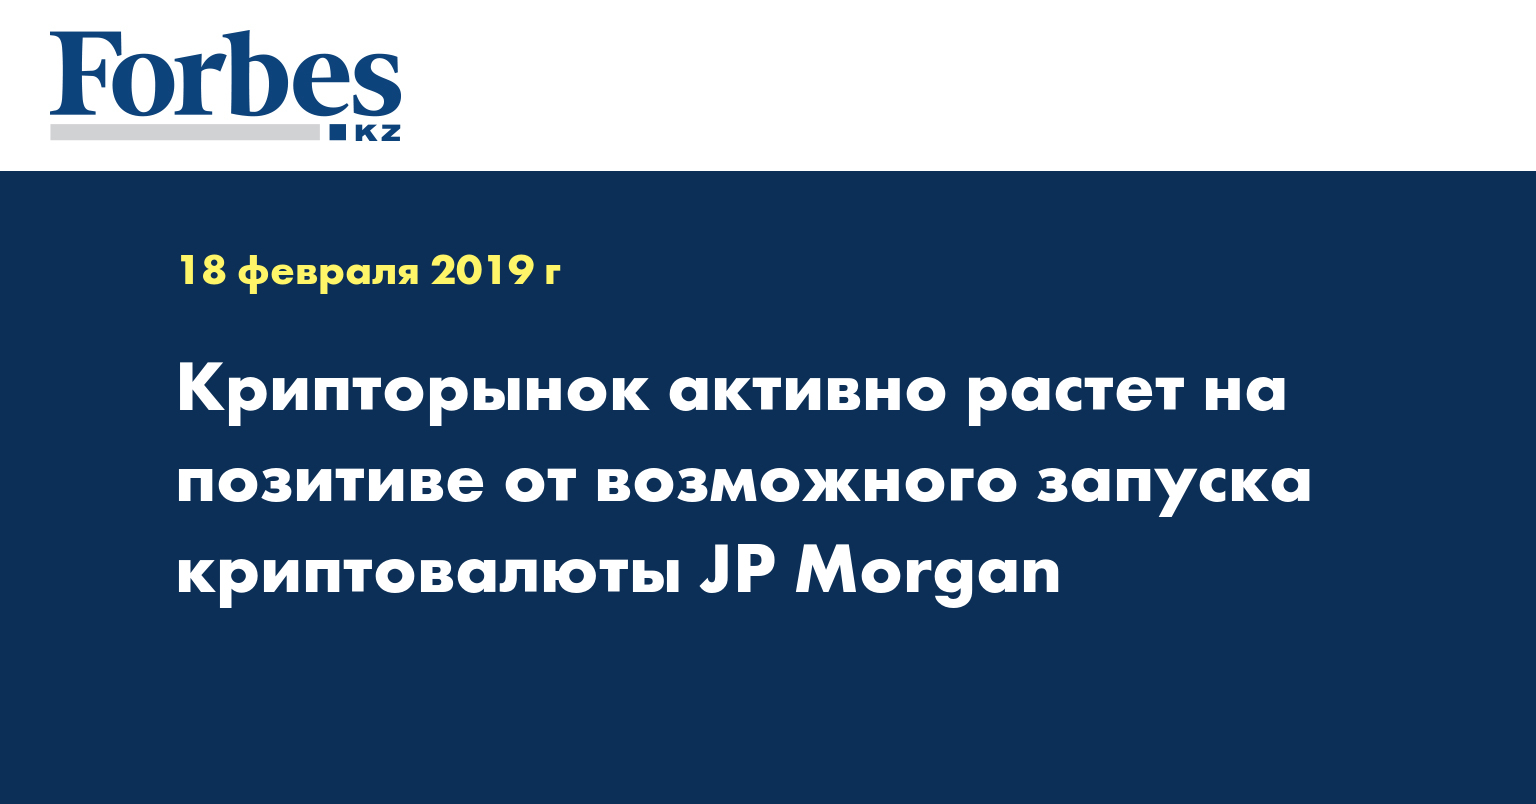 Крипторынок активно растёт на позитиве от возможного запуска криптовалюты JP Morgan